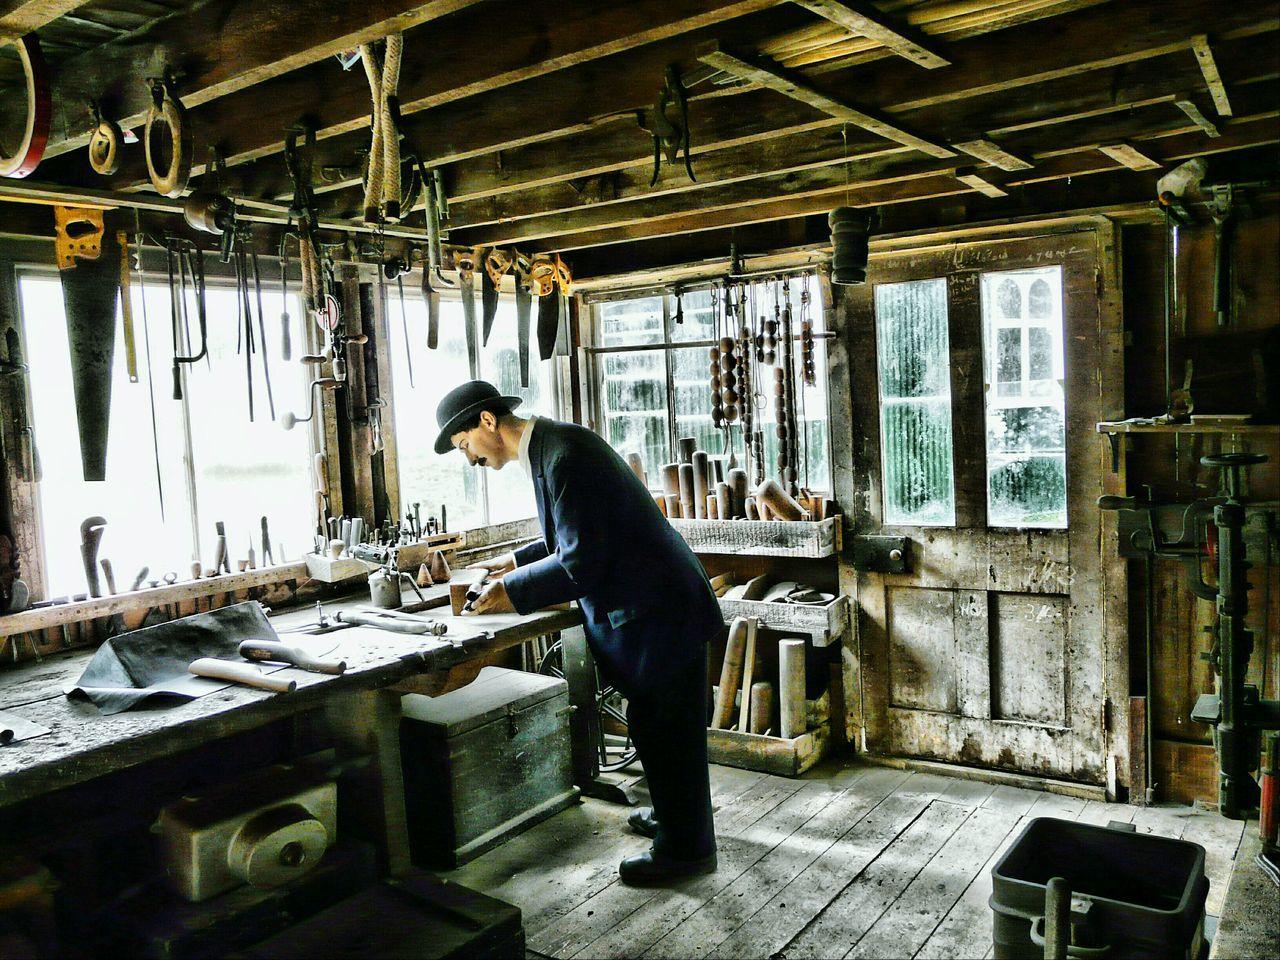 Folk Museum Lead Working Plumbers Work Shop HDR Editing Summer Memories